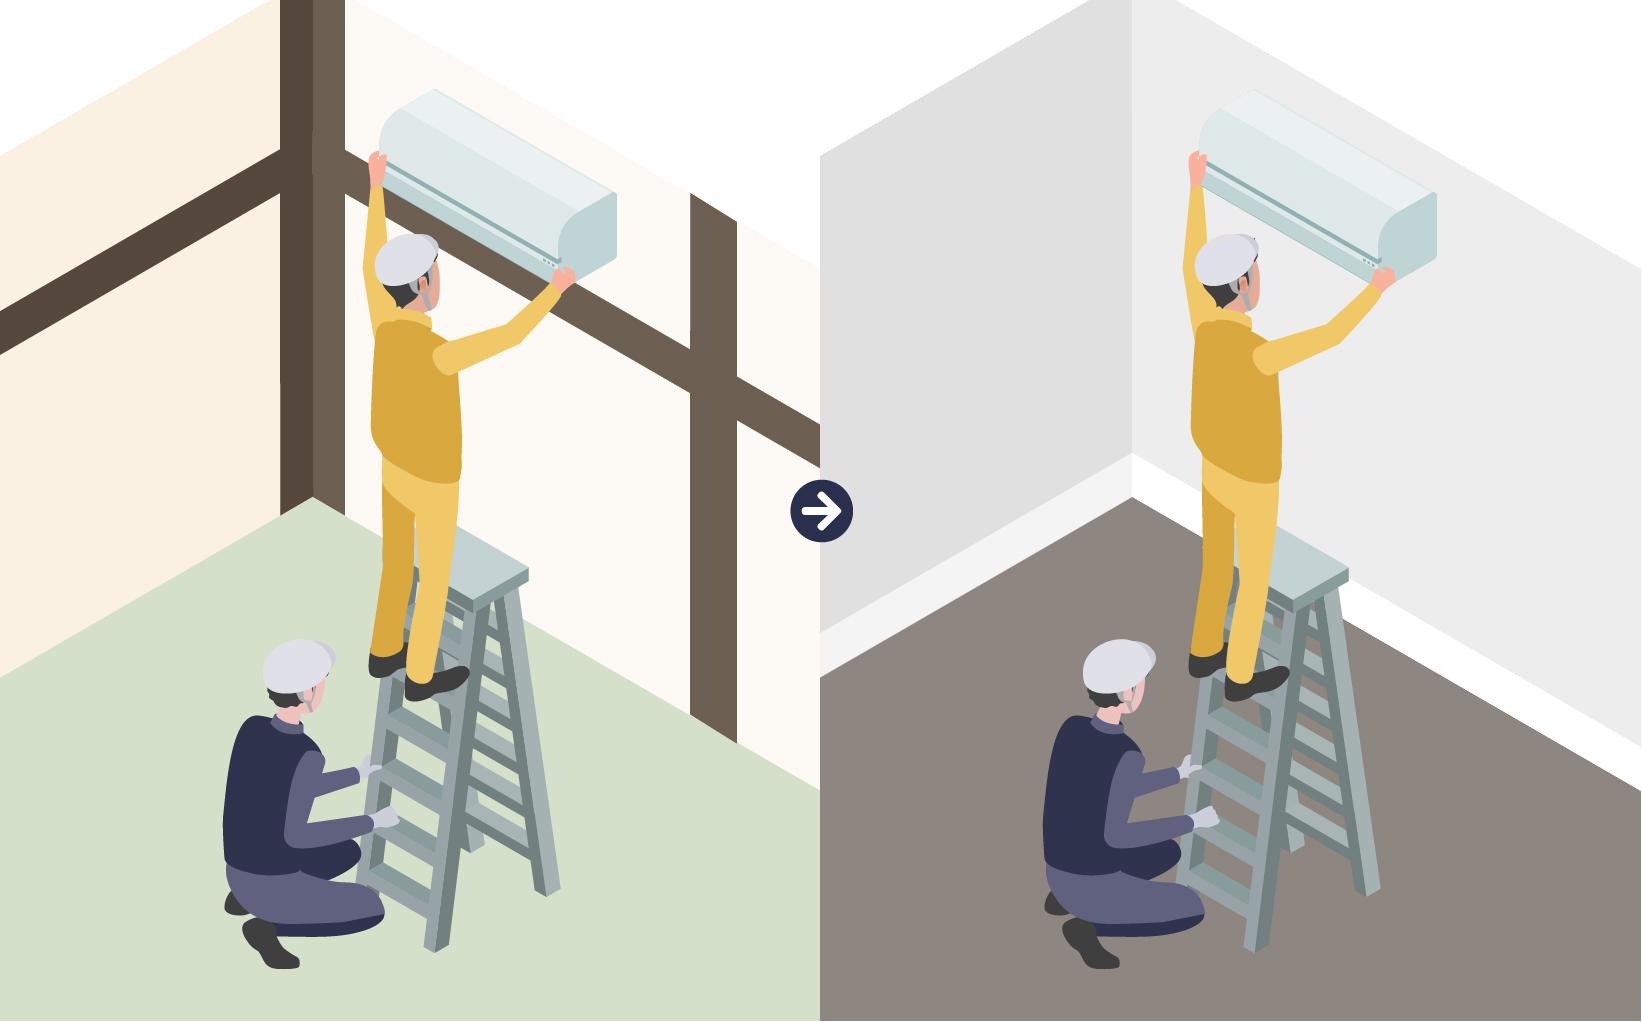 複数の作業員の方が安全を確保して空調機の取り外し、取り付けを行なっているイメージ